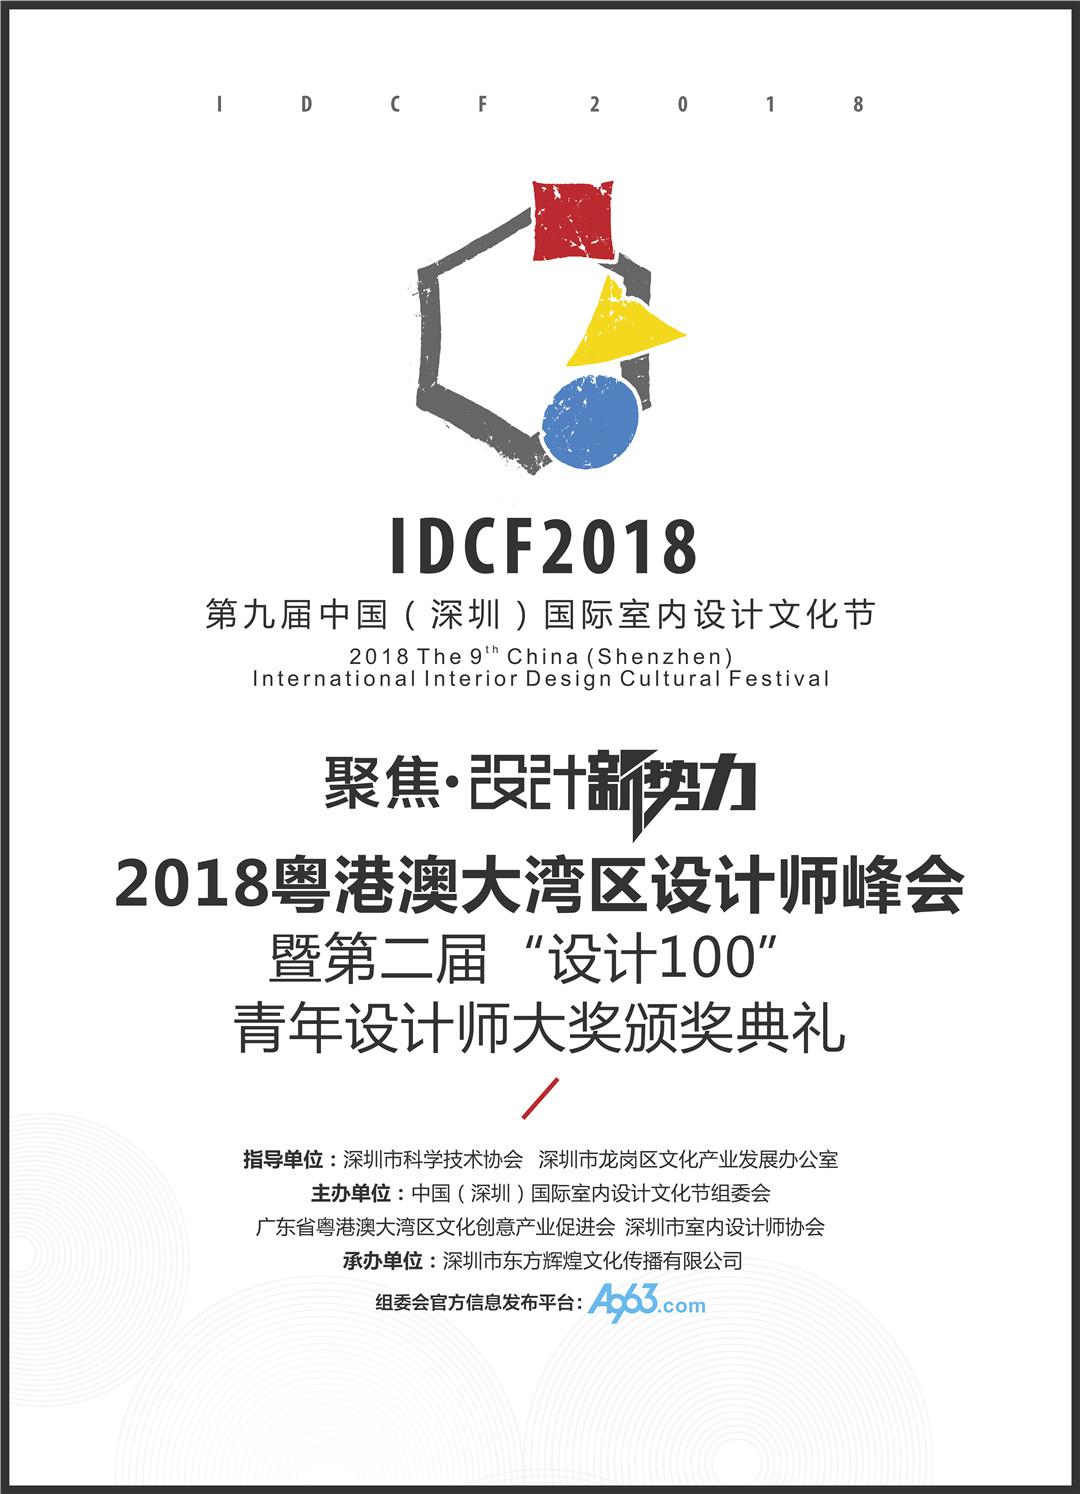 2018年最终一场设计盛会!6大亮点引爆第九届中国(深圳)世界室内设计文化节